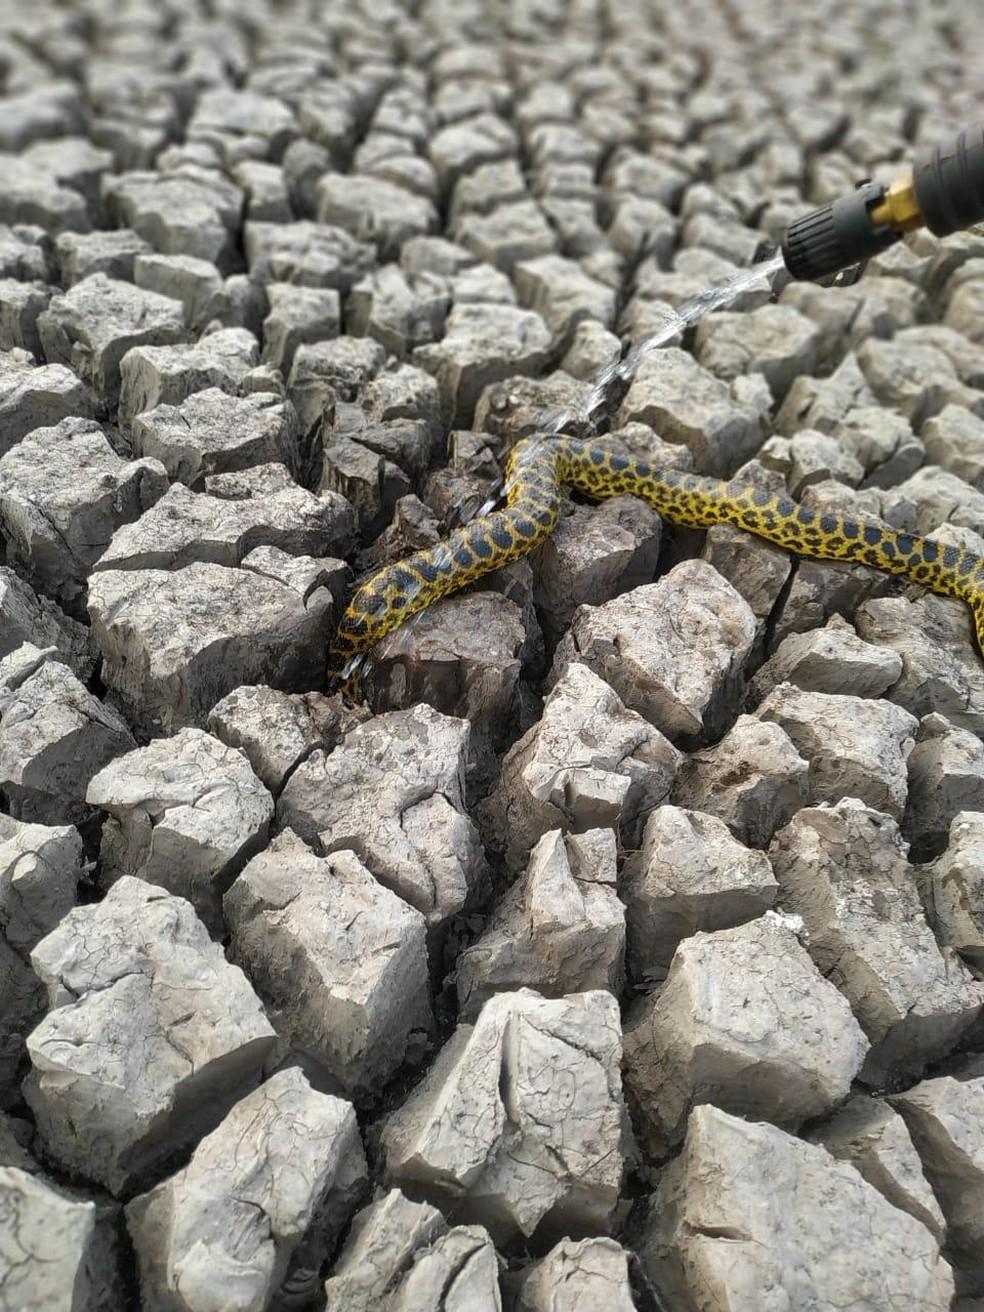 Bombeiros tentam salvar serpente em área devastada pelo fogo, no Pantanal de MS. — Foto: Corpo de Bombeiros/Divulgação